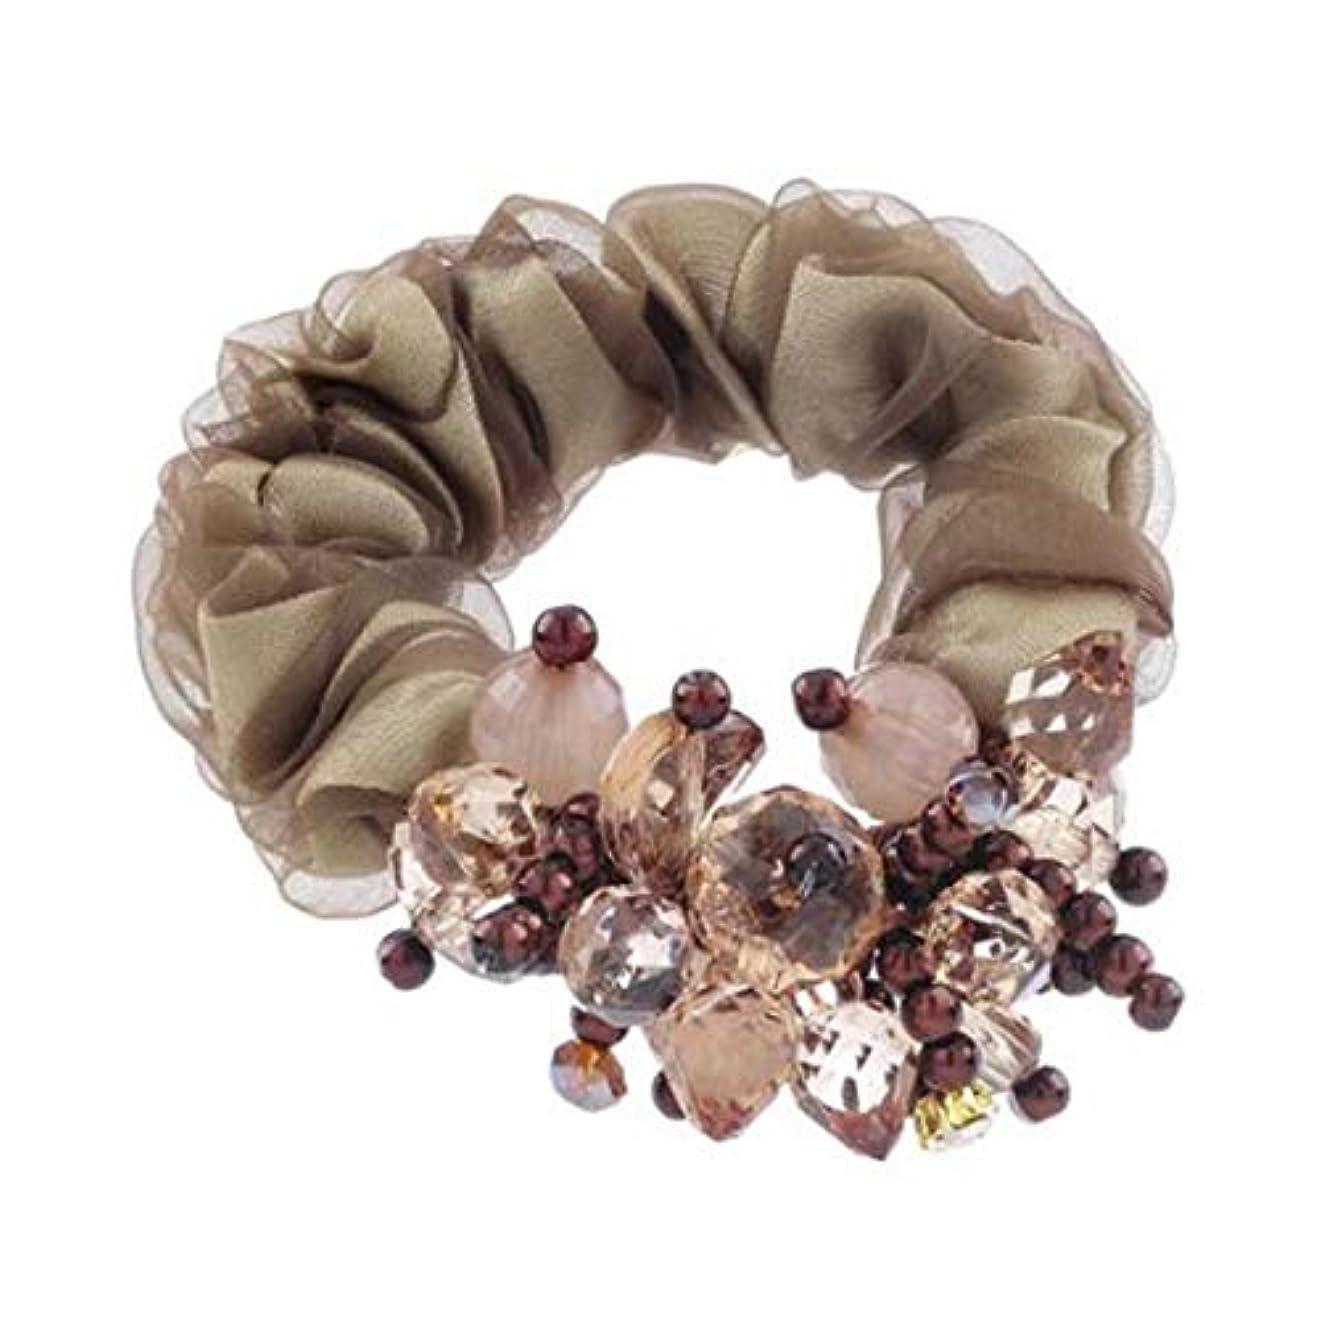 平和なプロペラ郵便屋さんヘアクリップ、ヘアピン、ヘアグリップ、ヘアグリップ、ヘアアクセサリーヘアバンドヘアーロープヘアネクタイヘアバンドラバーバンドヘッドロープ女性ヘッドジュエリーアダルトプレート髪純色ビーズ第三の花の色 (Color : Brown)